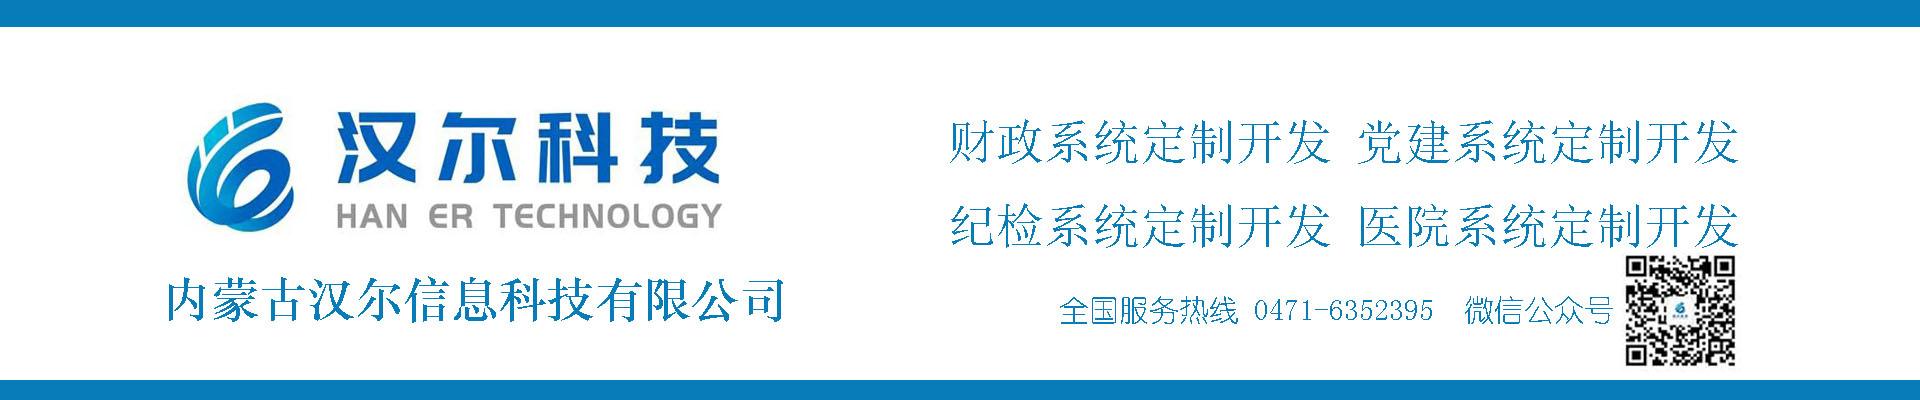 内蒙古汉尔信息科技有限公司